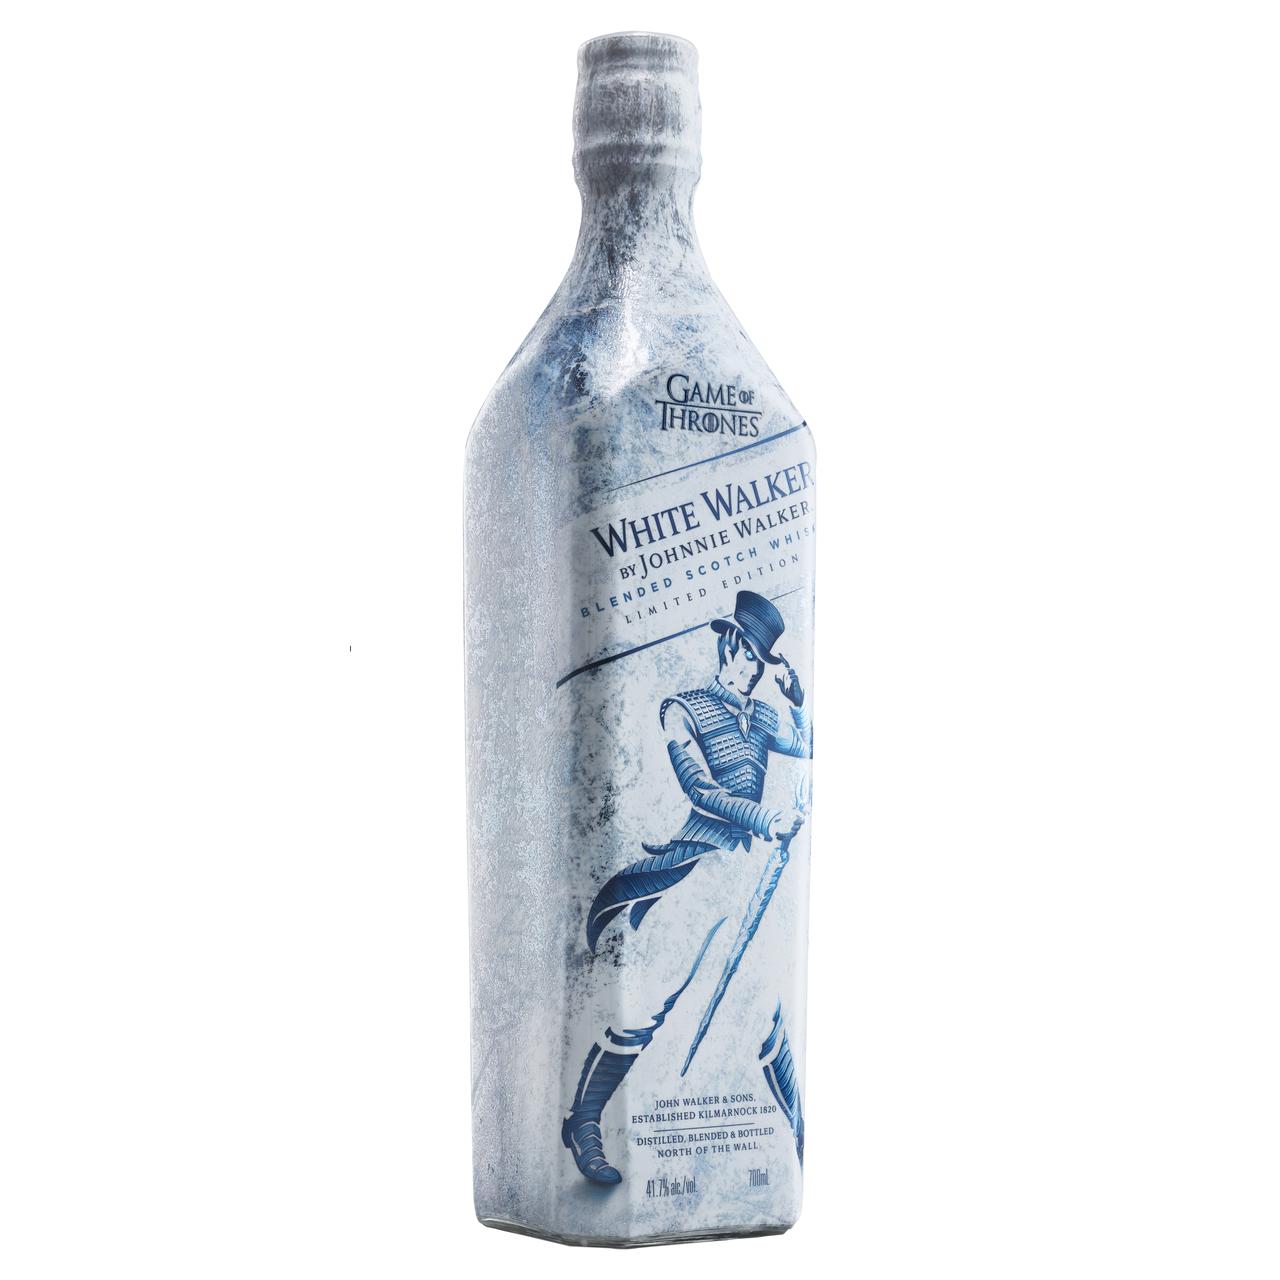 Johnnie Walker White Walker Limited Edition